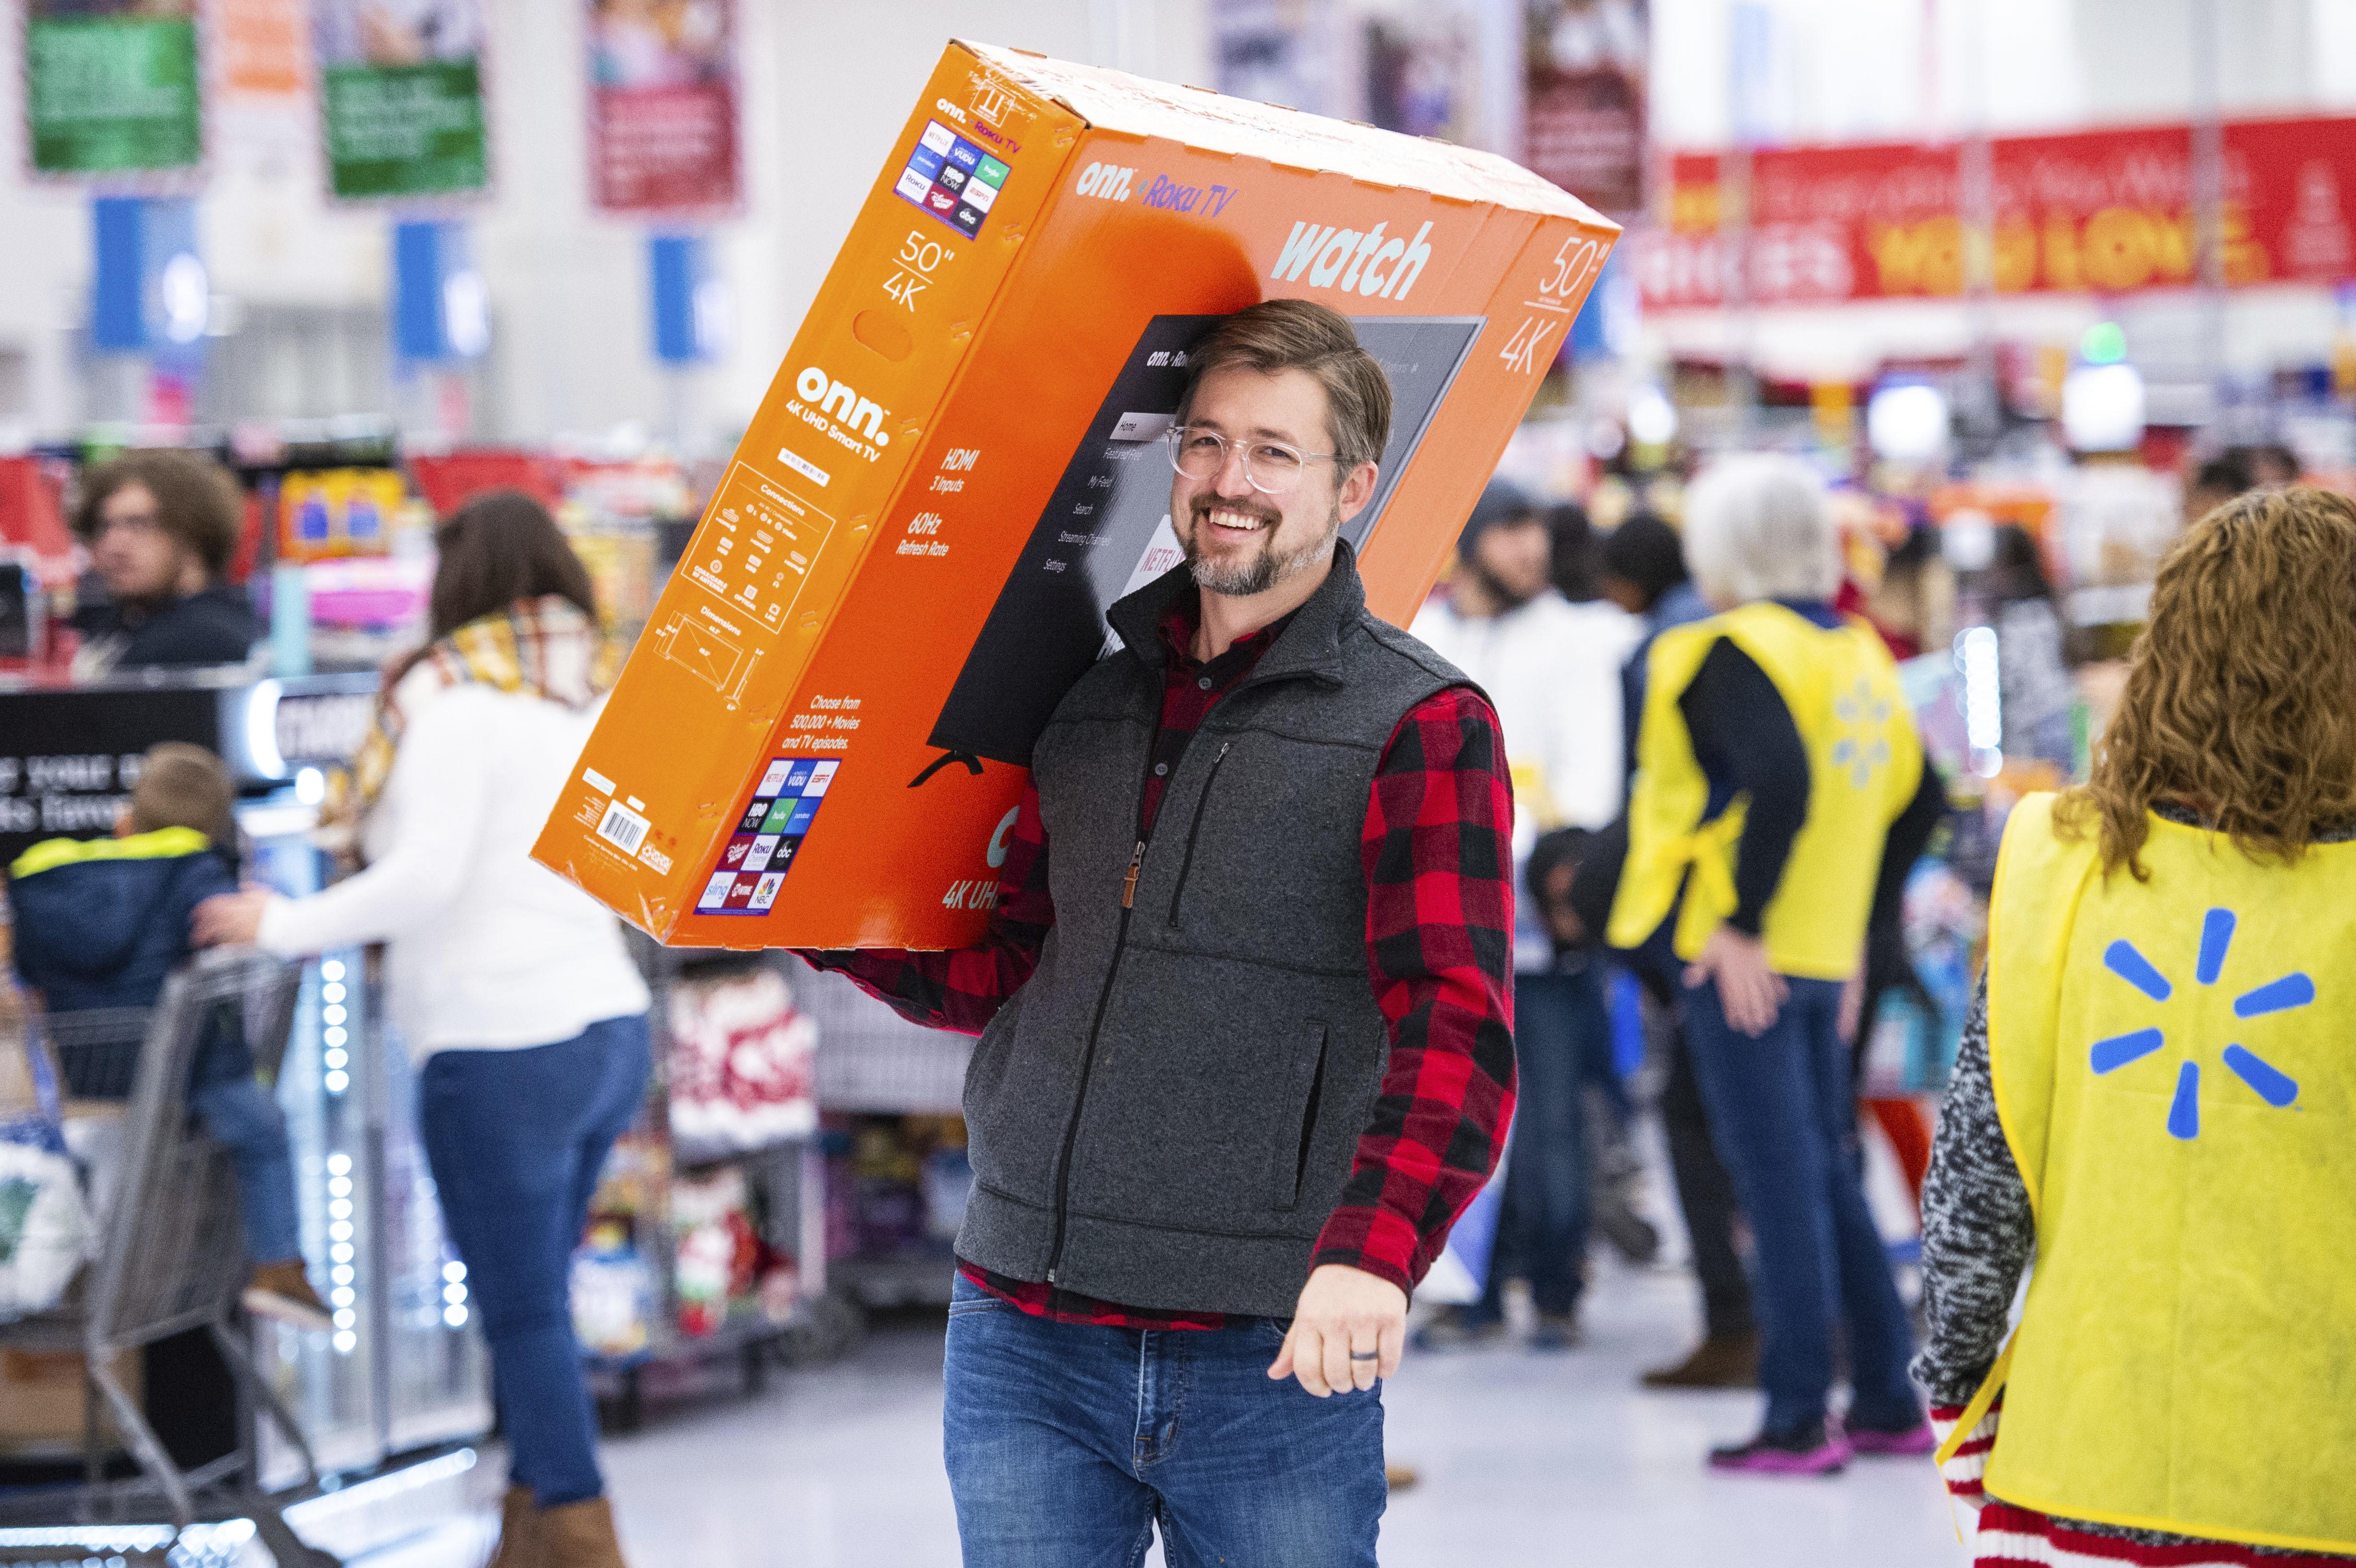 السعادة تملأ وجه هذا الرجل بعد تأمين صفقة شراء تلفزيون